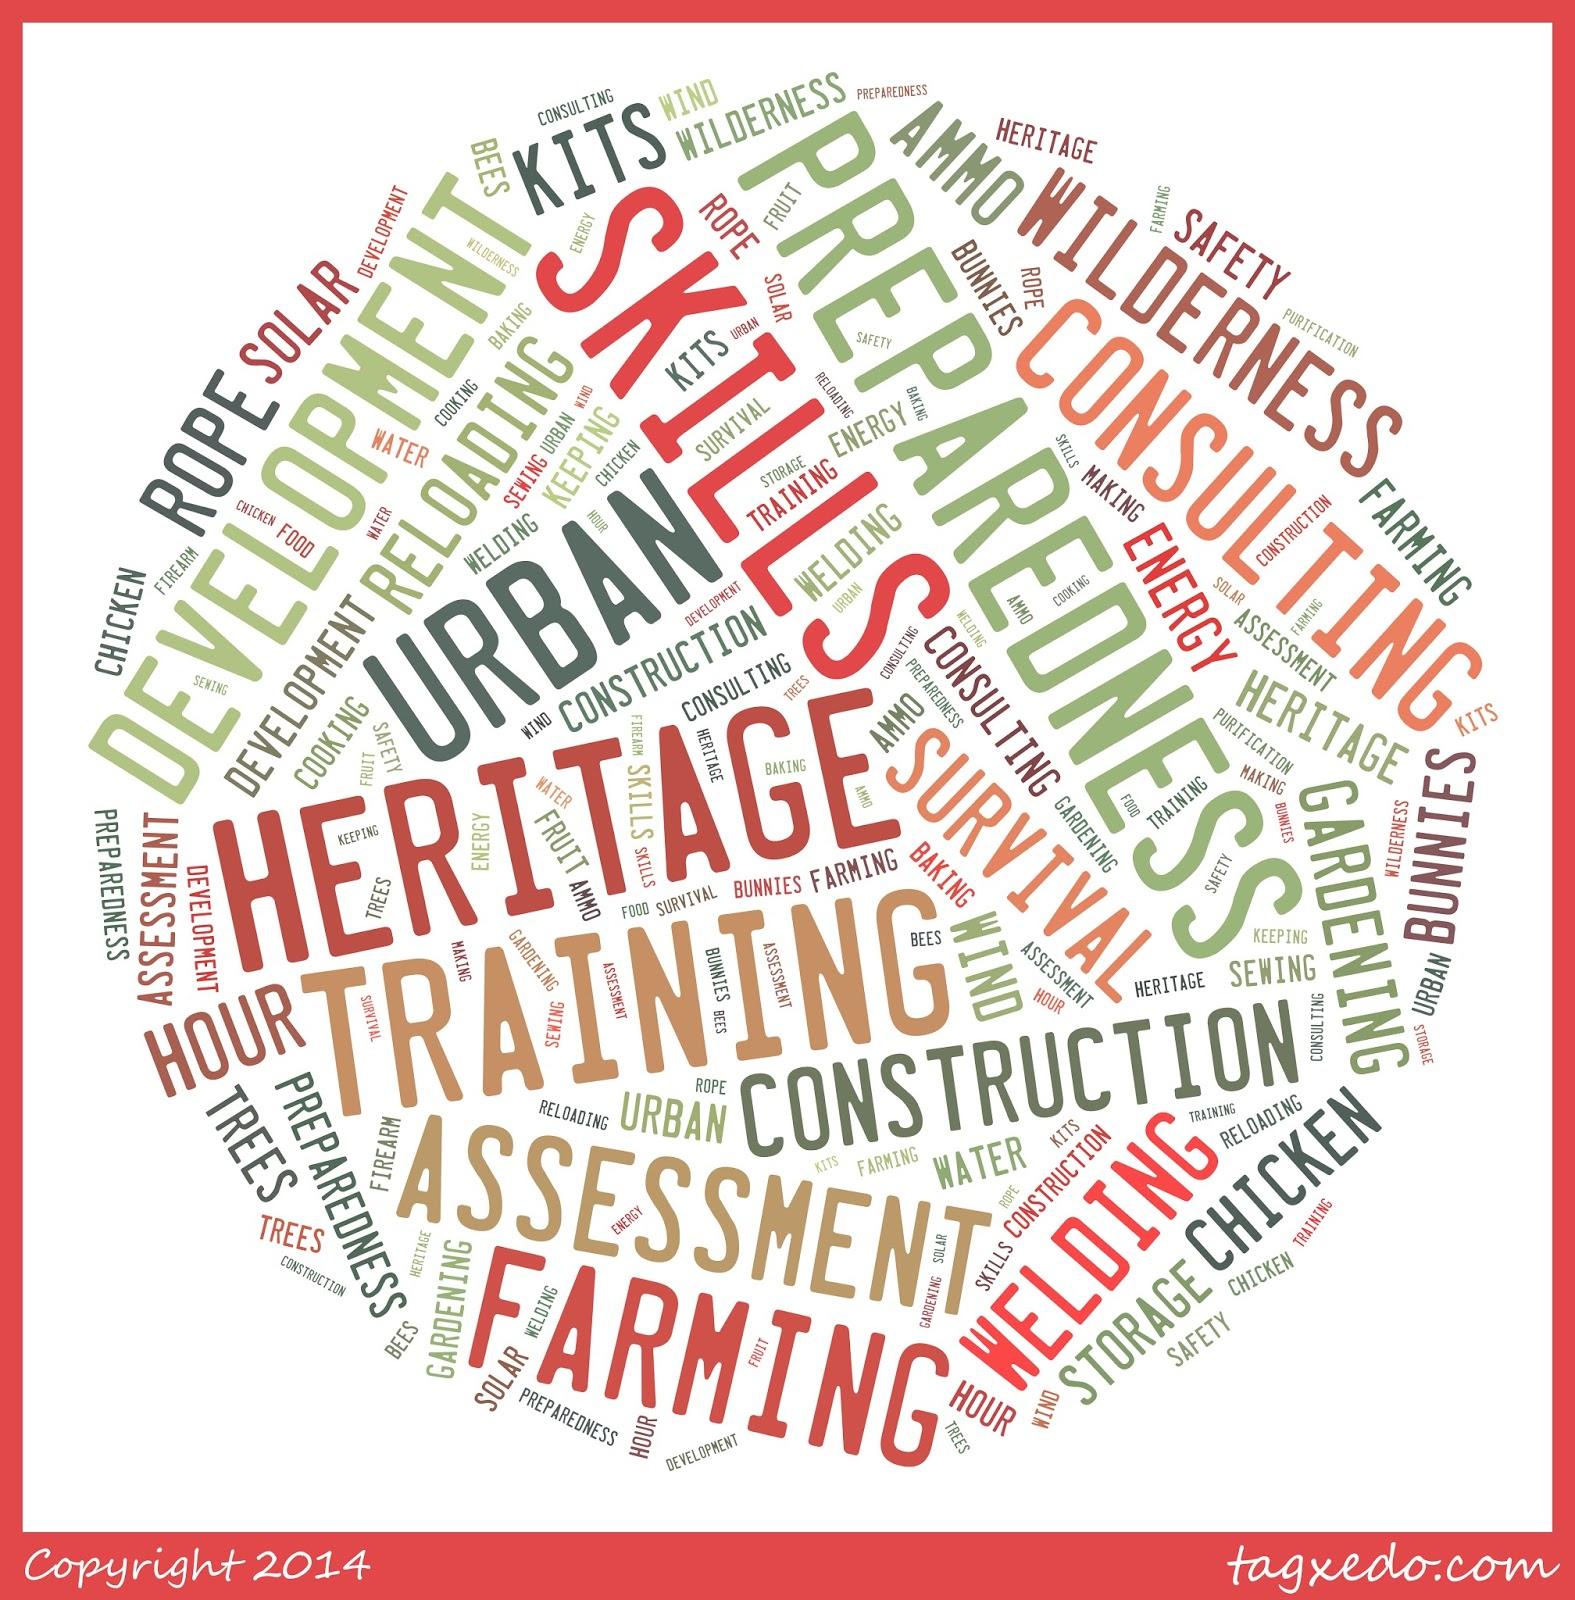 Heritage Skills Preparedness